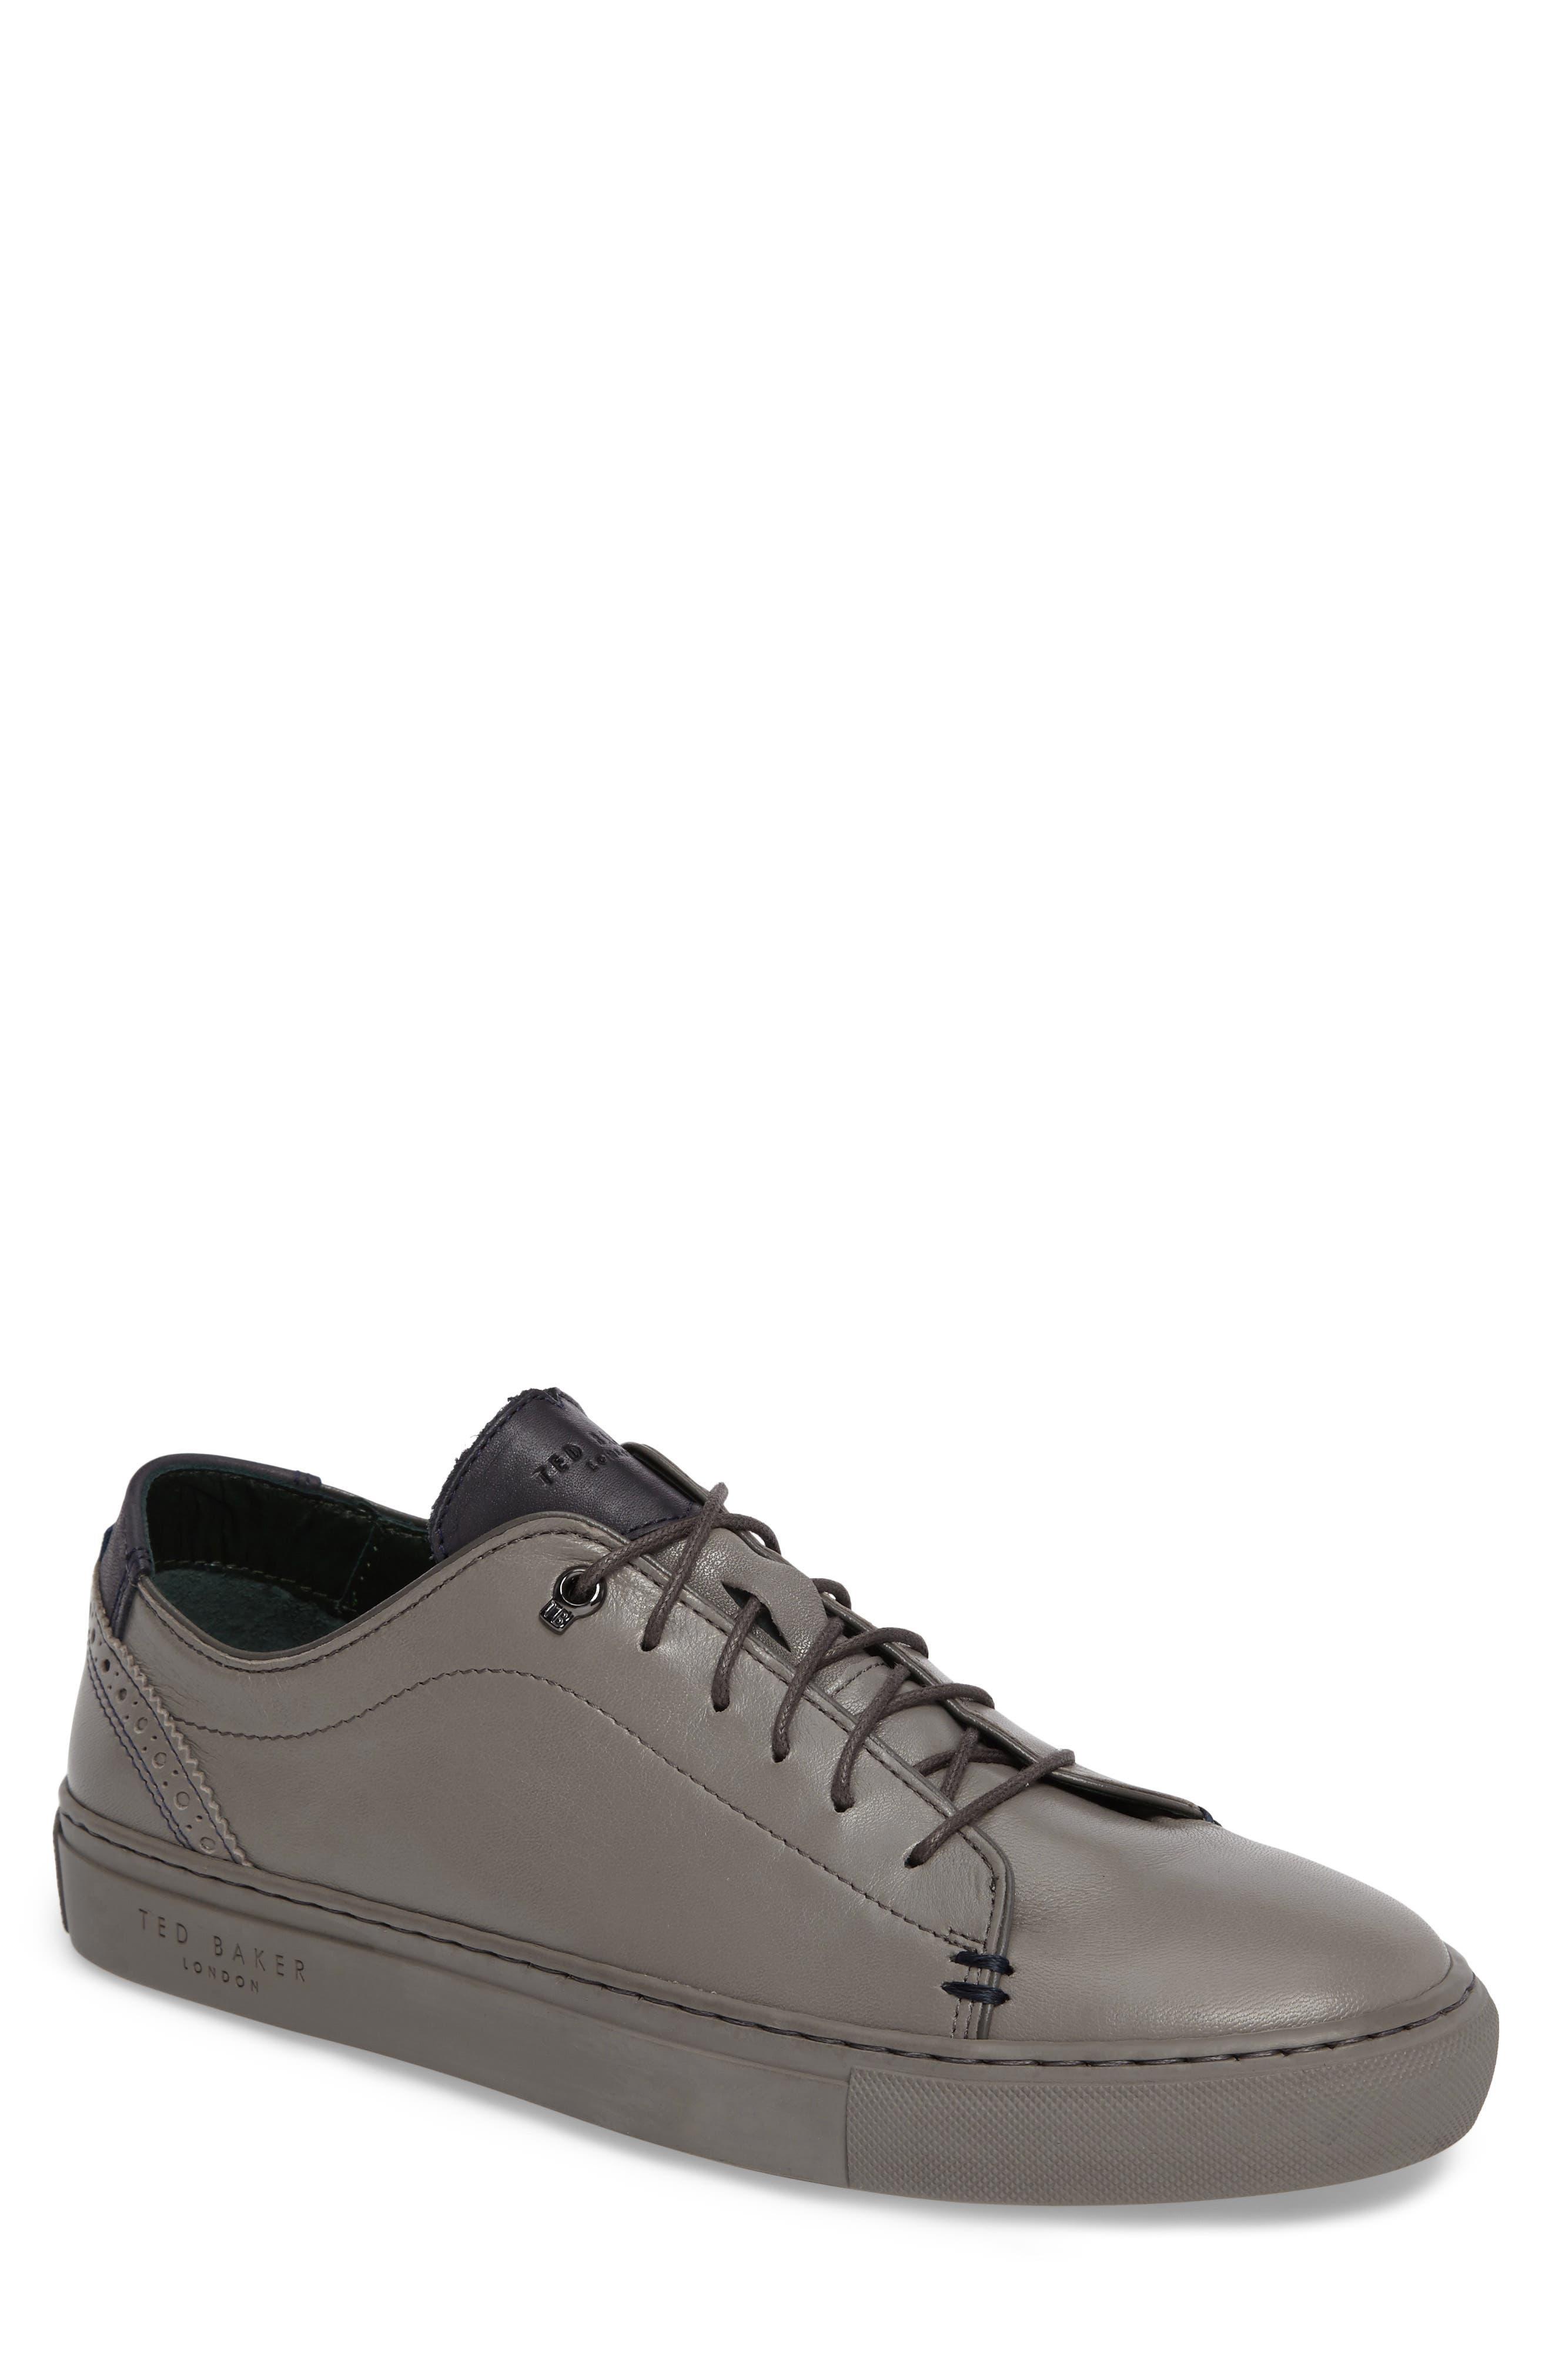 Prinnc Low Top Sneaker,                             Main thumbnail 1, color,                             028